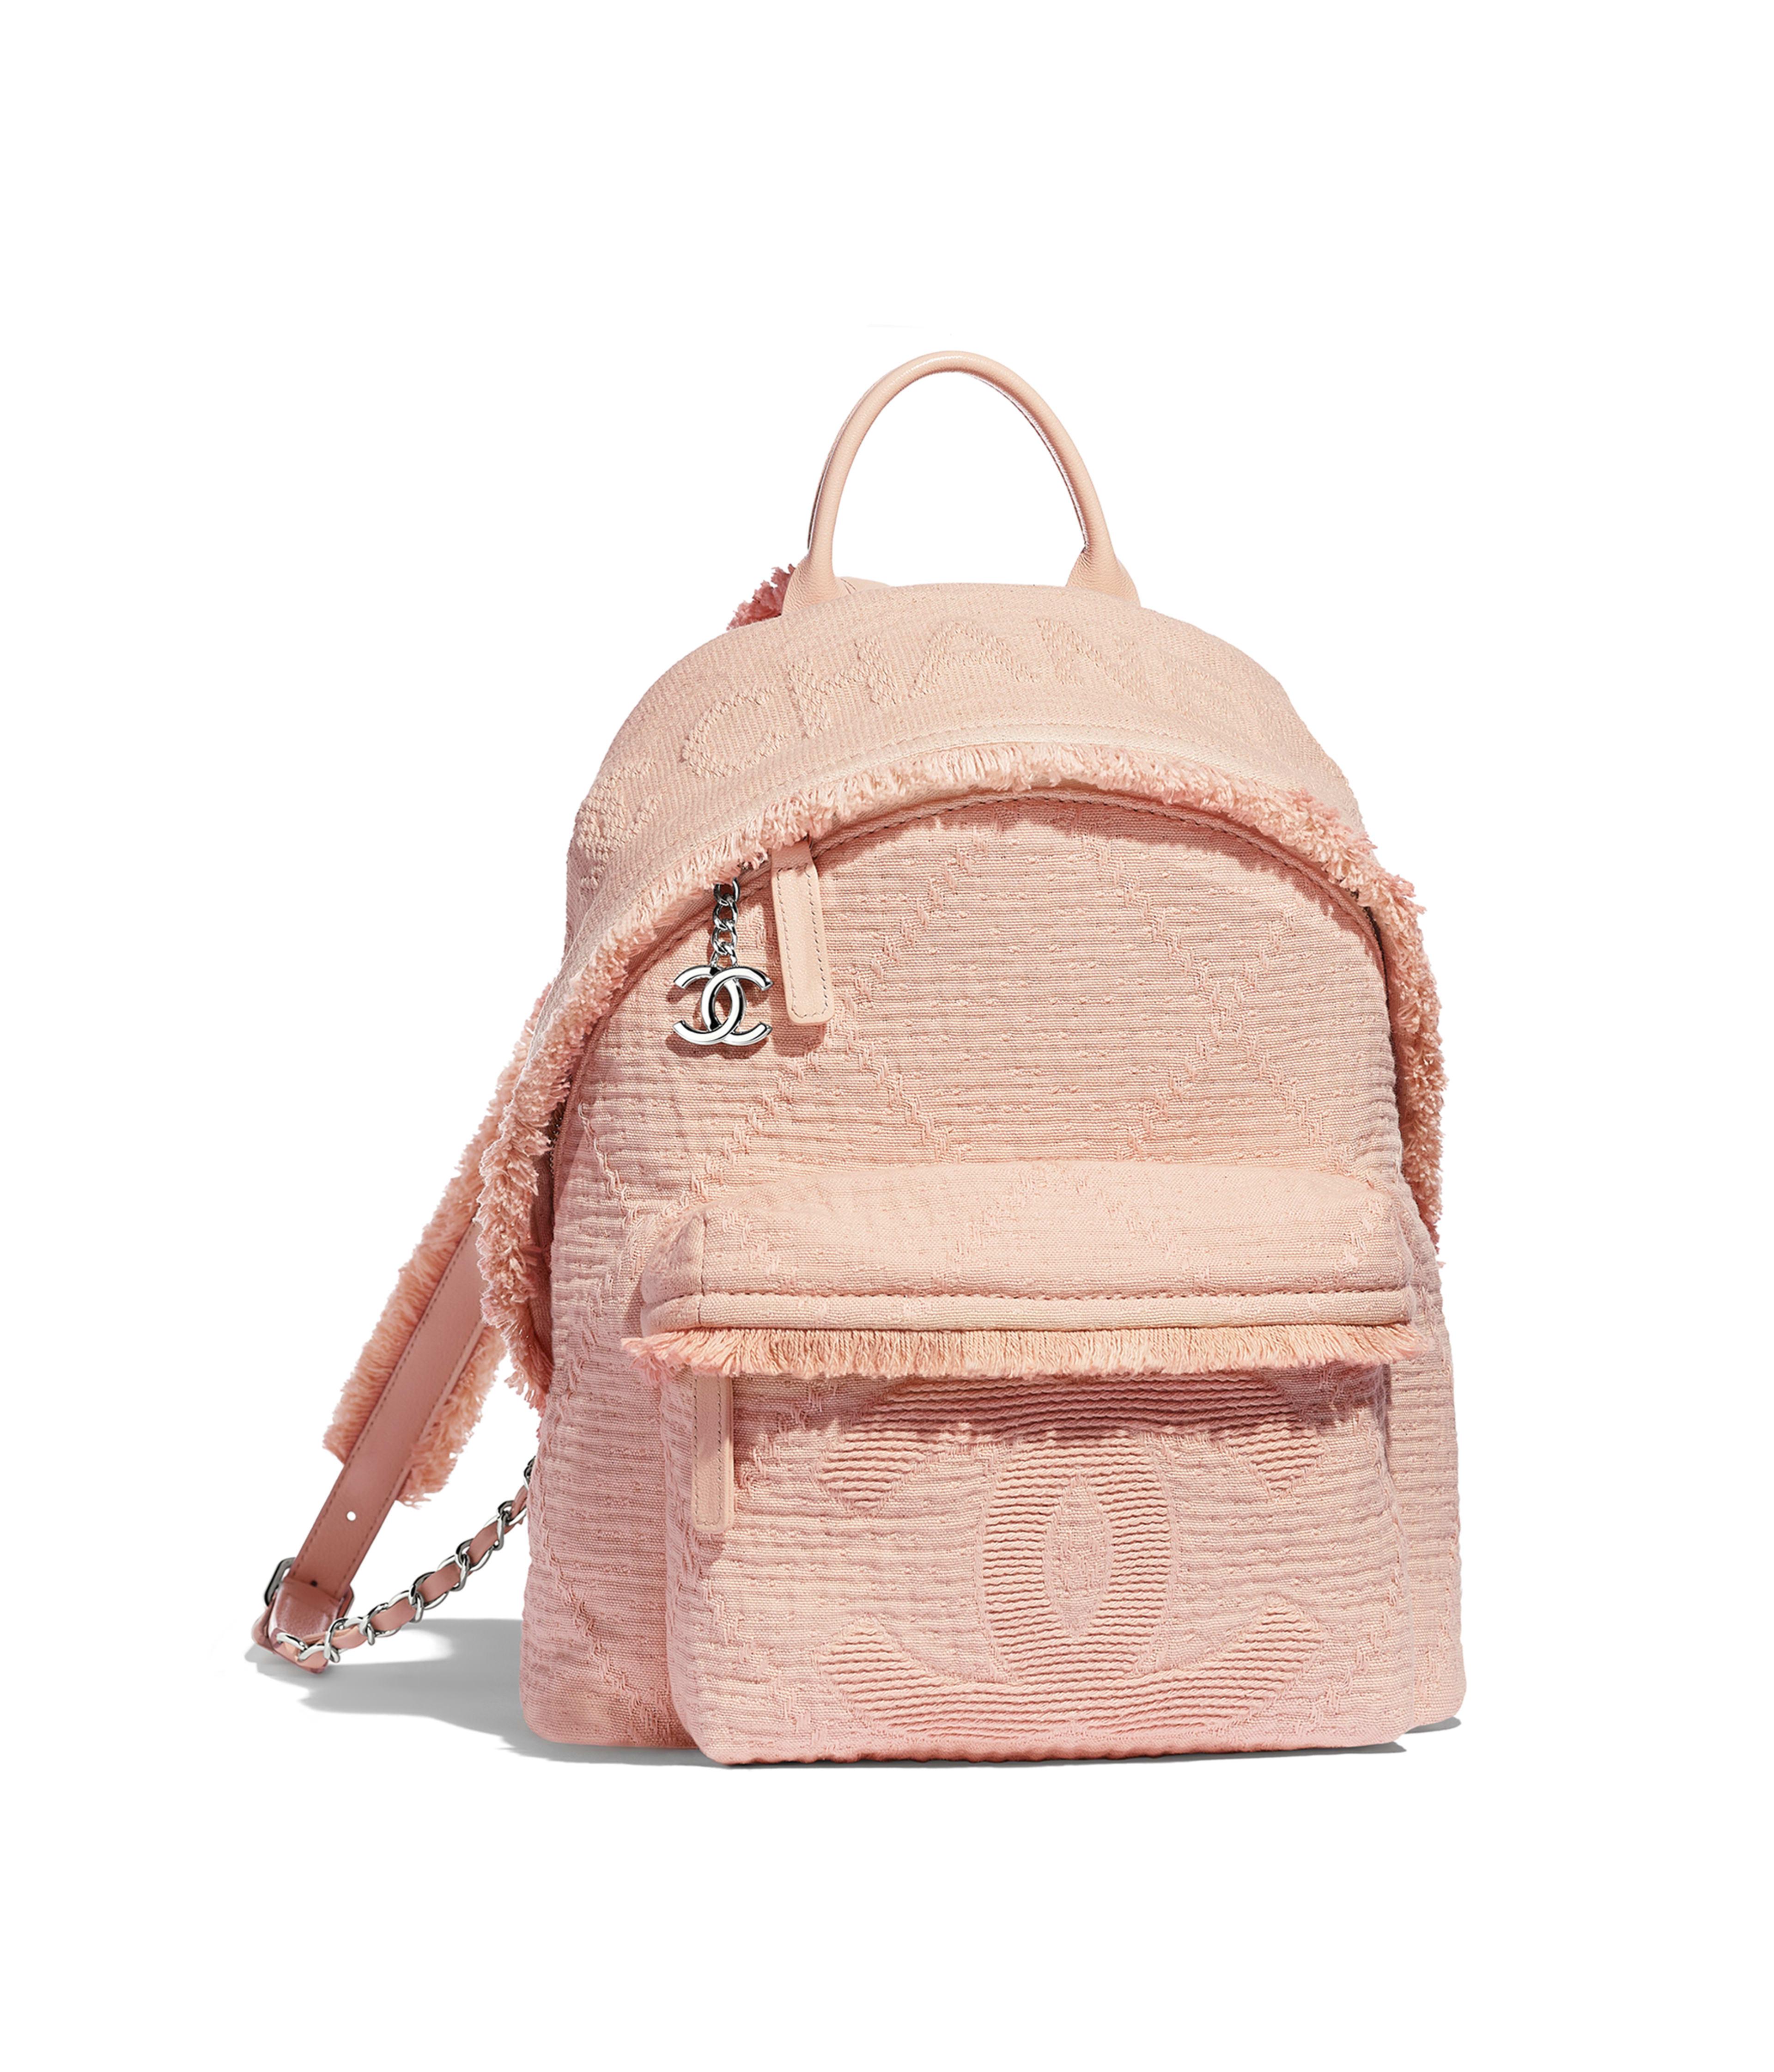 f4c3d57cbb4323 Backpacks - Handbags